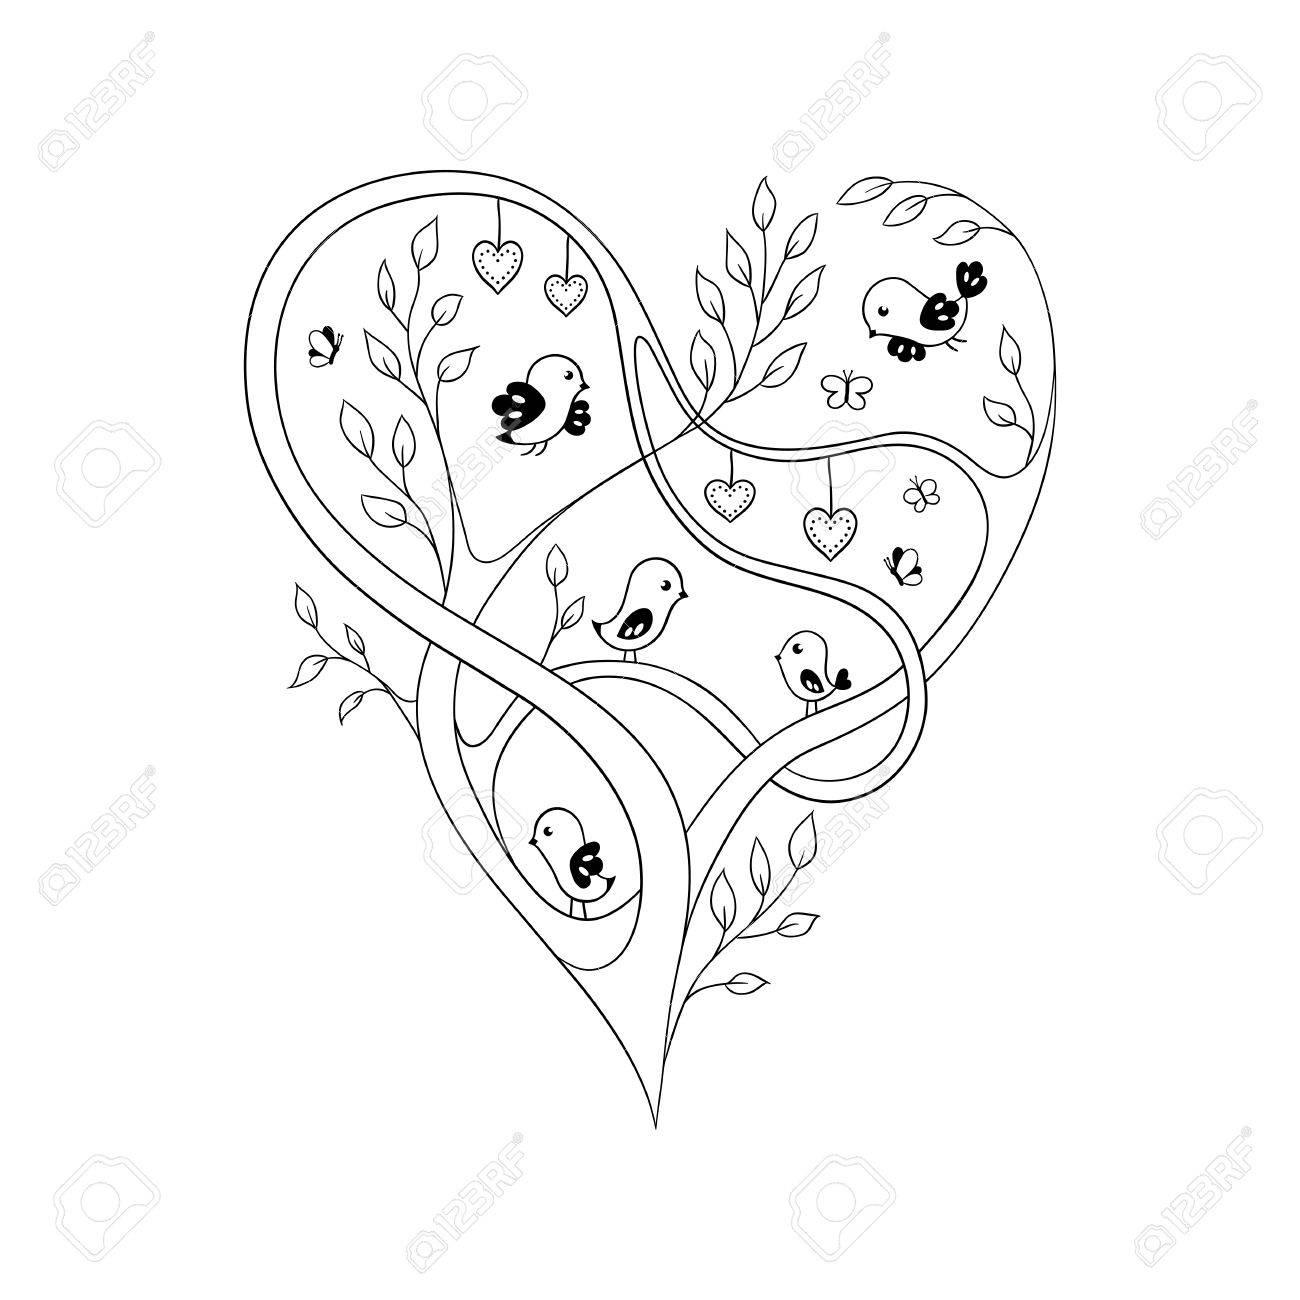 Elegante Corazón Adornado Formado Por Ramas De árboles Con Pájaros Y ...